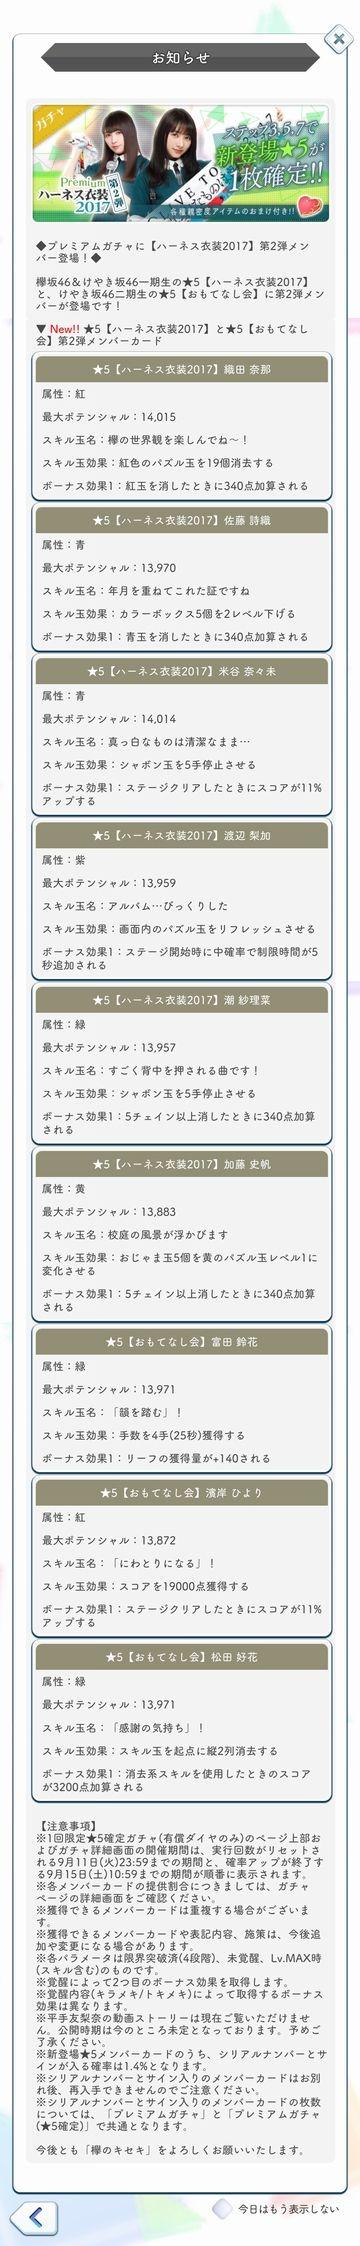 00 ハーネス衣装2017 ガチャ詳細